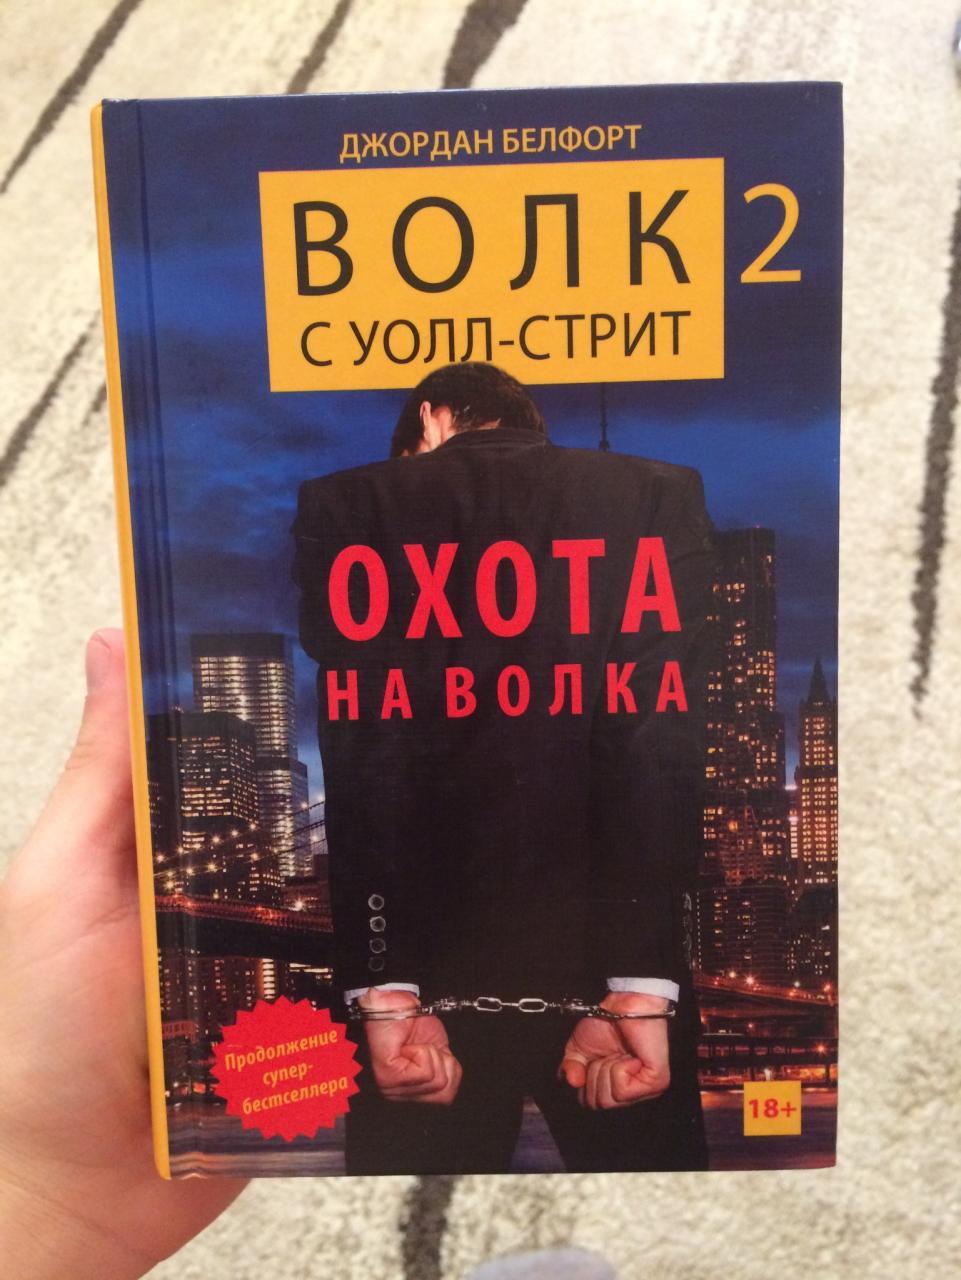 ДЖОРДАН БЕЛФОРТ ОХОТА НА ВОЛКА FB2 СКАЧАТЬ БЕСПЛАТНО